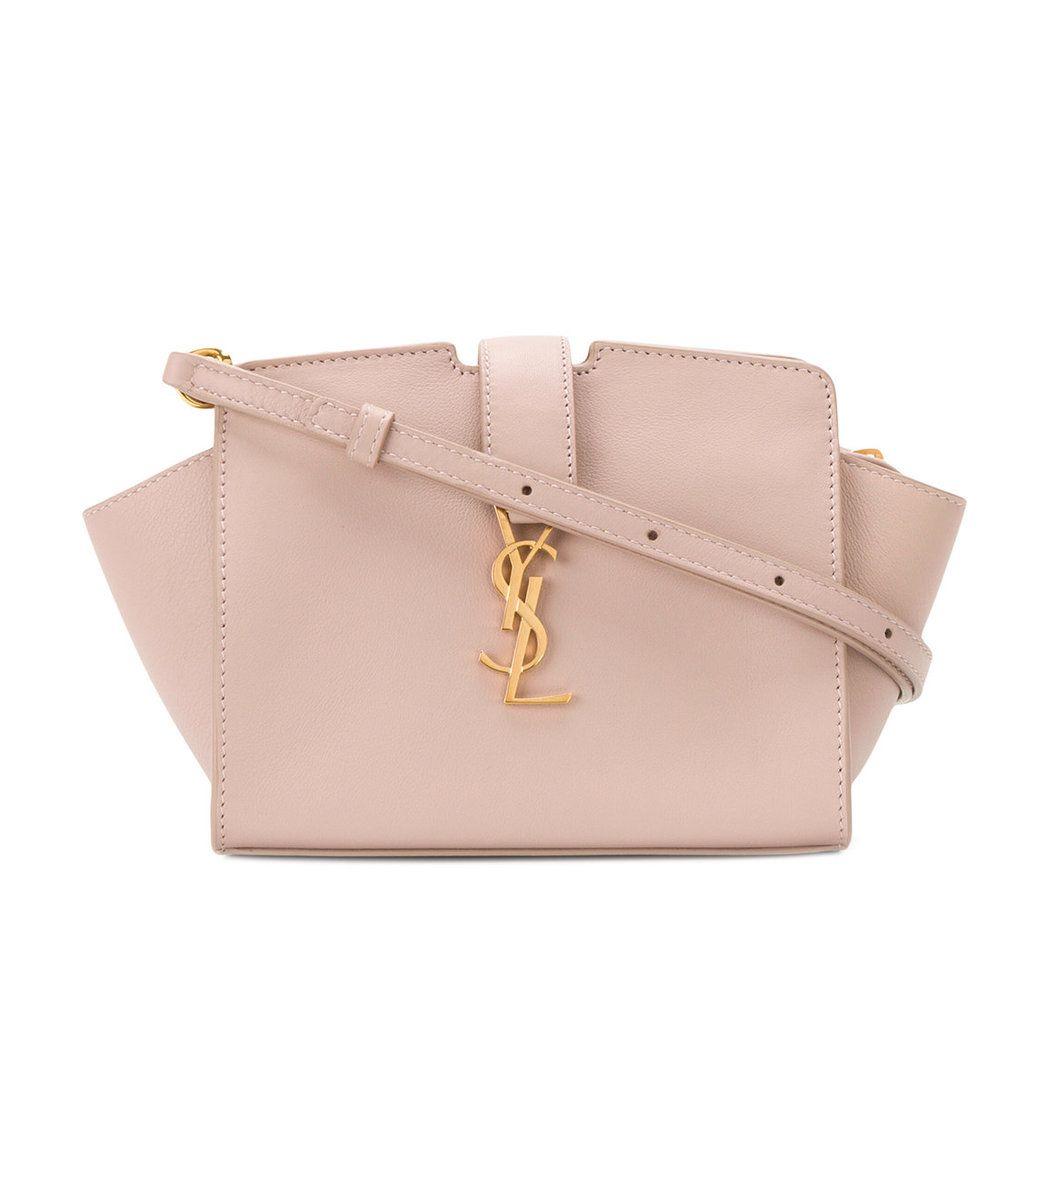 SAINT-LAURENT Nude Neutrals Toy Cabas Tote Bag.  saint-laurent  bags 8147e3d3f2e06